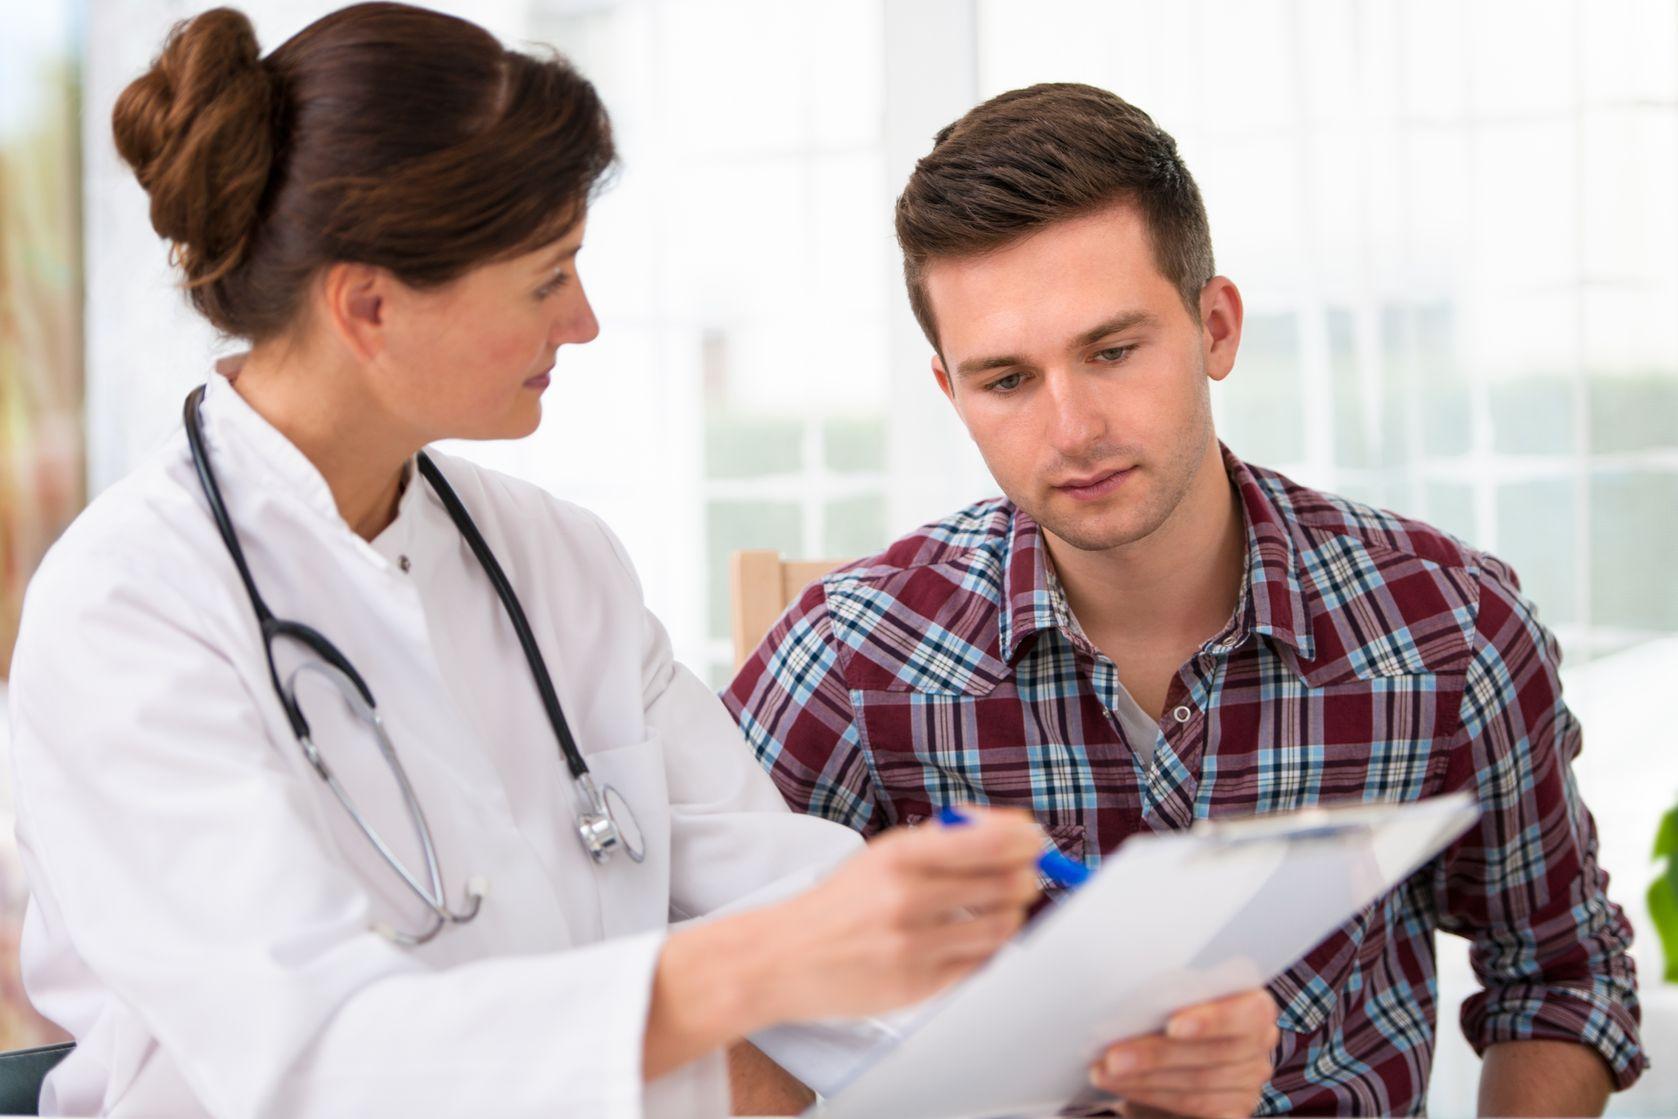 Эрозия желудка: симптомы, лечение, диета и народные средства